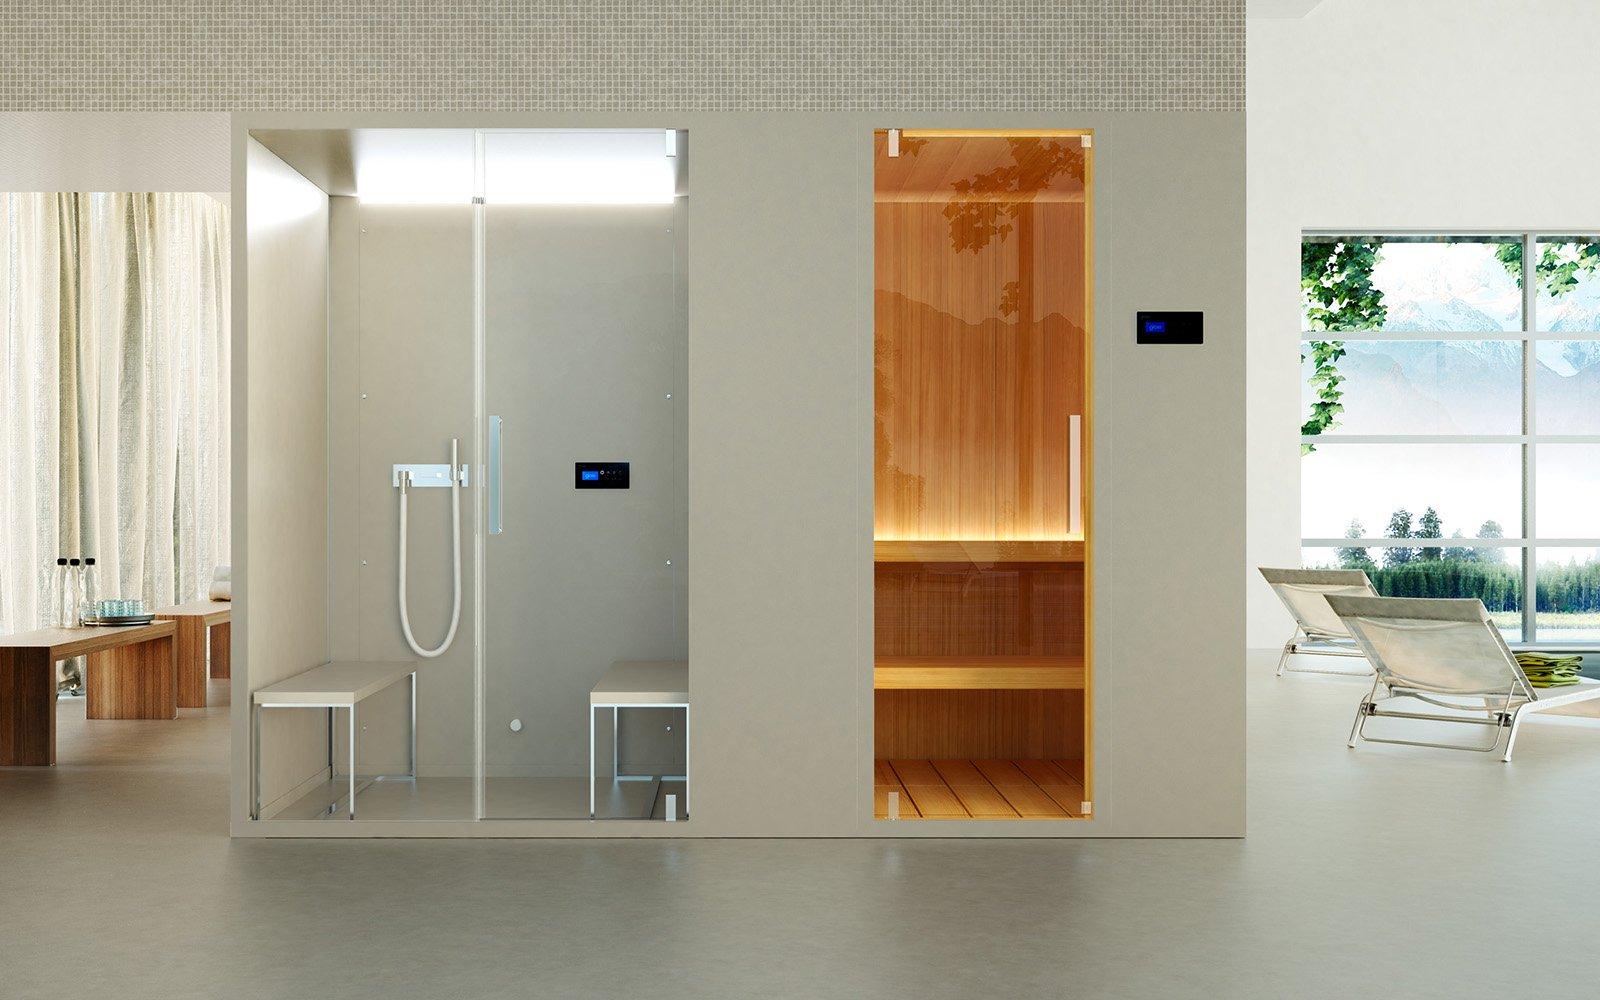 Vasca Da Bagno Glass Lis : Straordinario vasche da bagno glass vasca da bagno